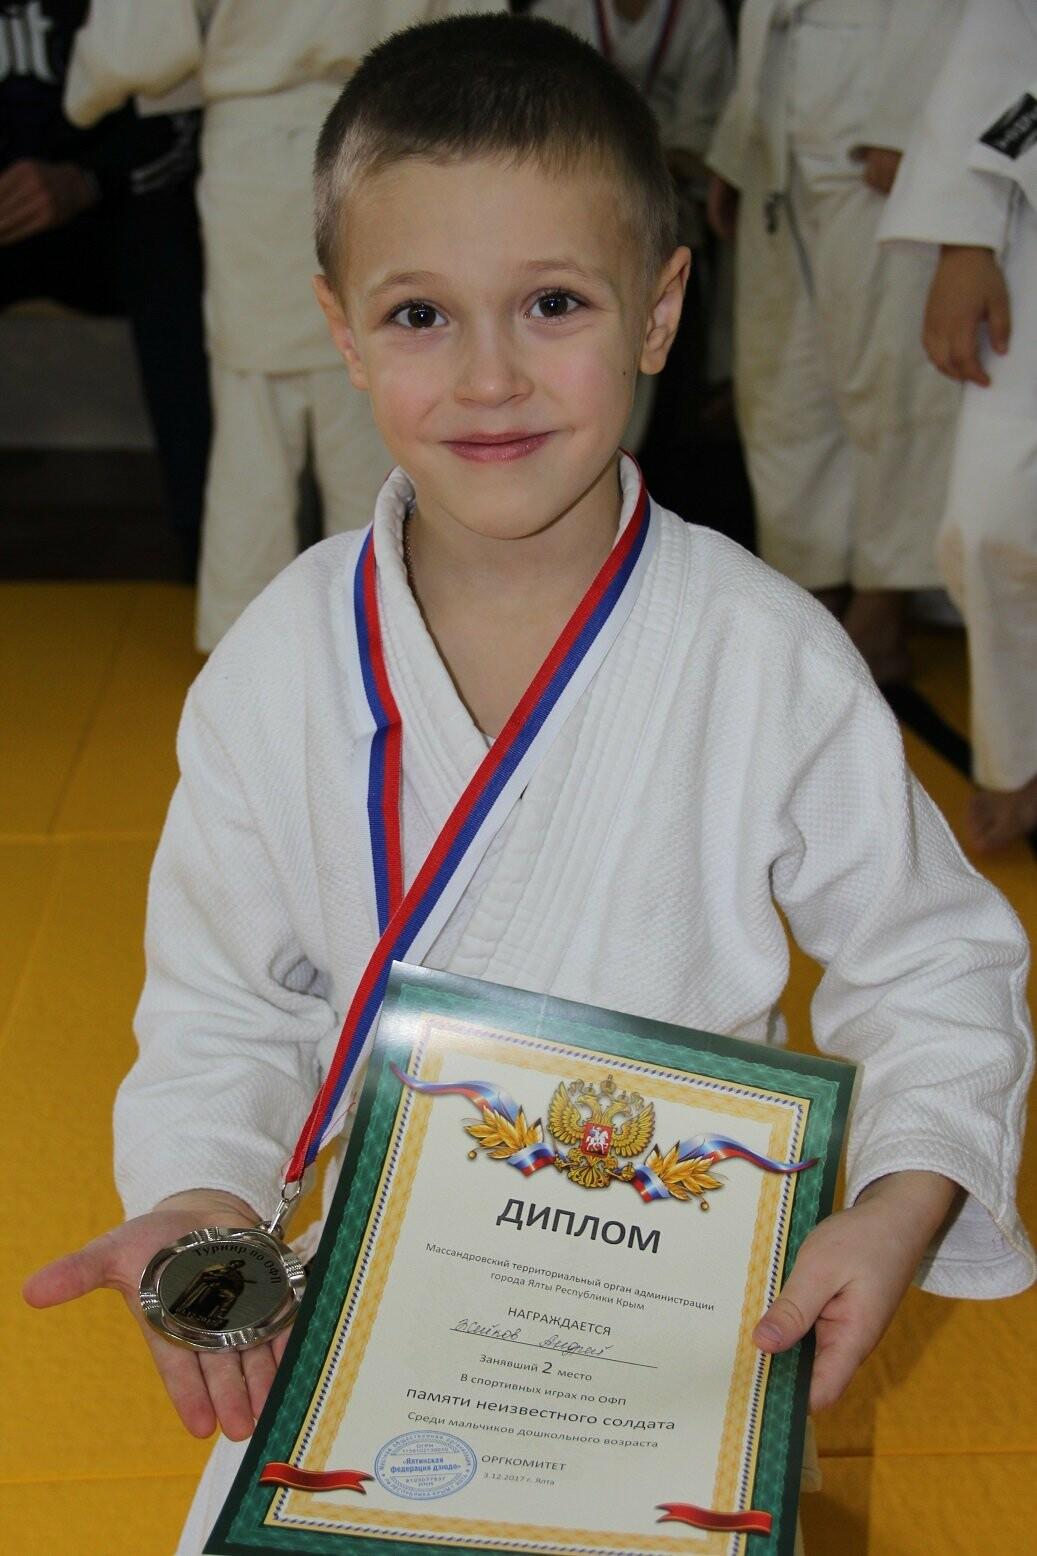 Ялтинская федерация дзюдо провела в Массандре спортивное мероприятие, фото-2